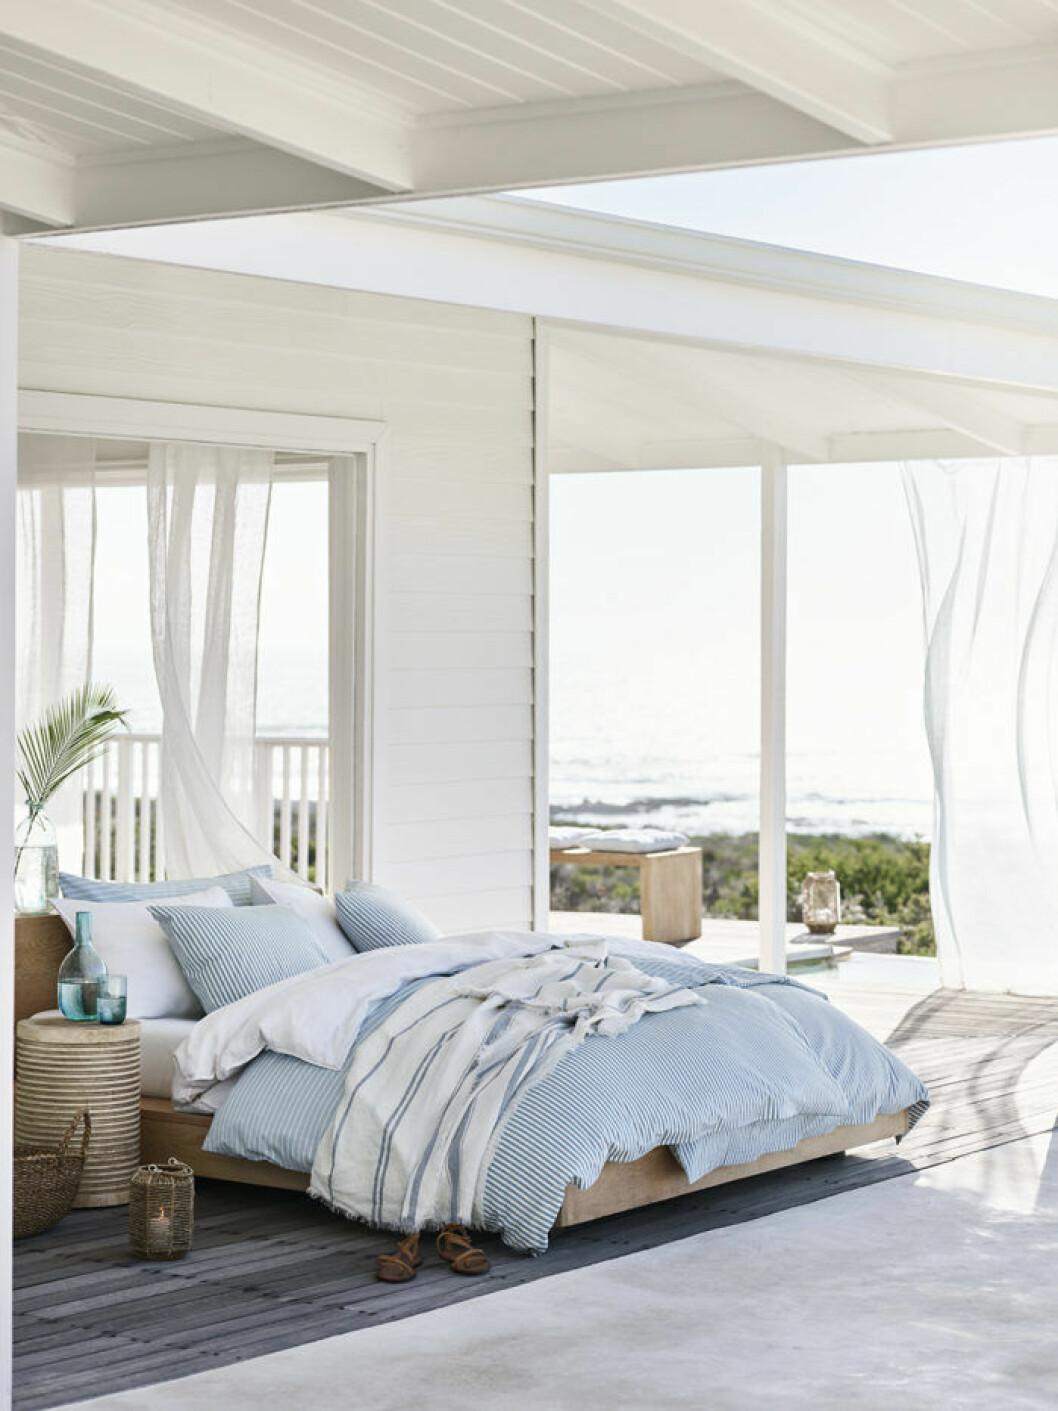 Öppet sovrum med medelhavskänsla. H&M Home sommaren 2018.